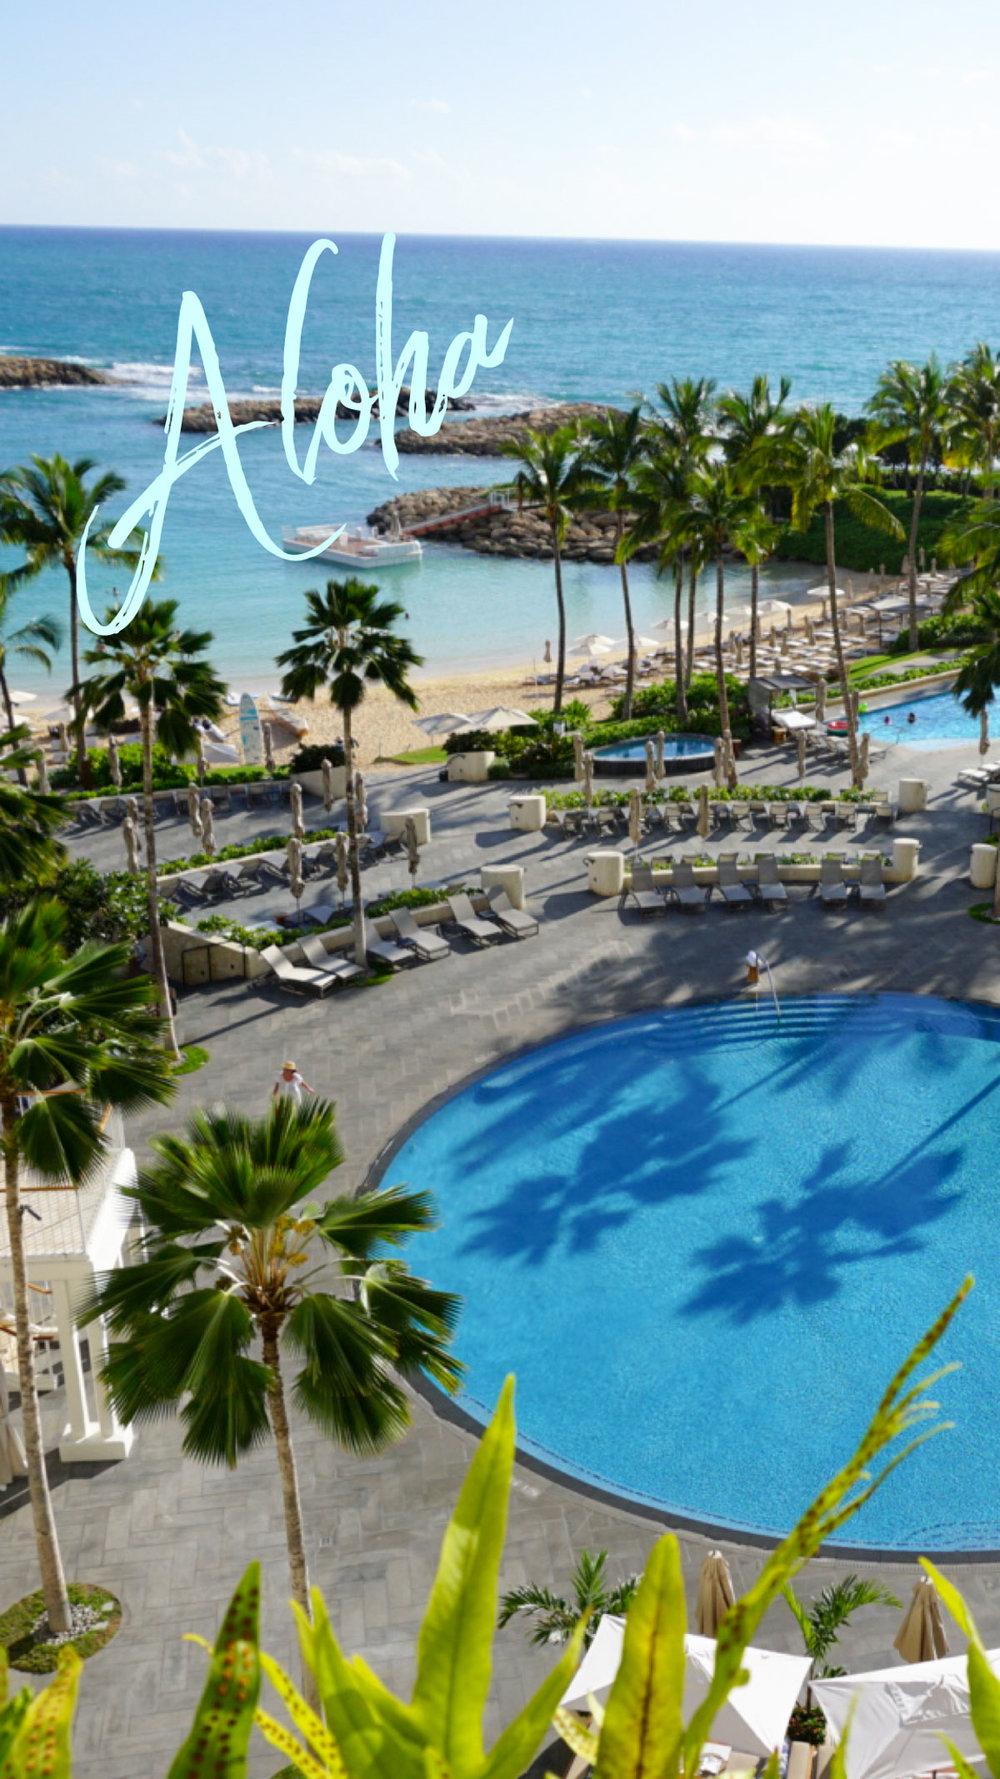 Best Hotel Oahu_Four Seasons Oahu_Addie Bell-4830.jpg